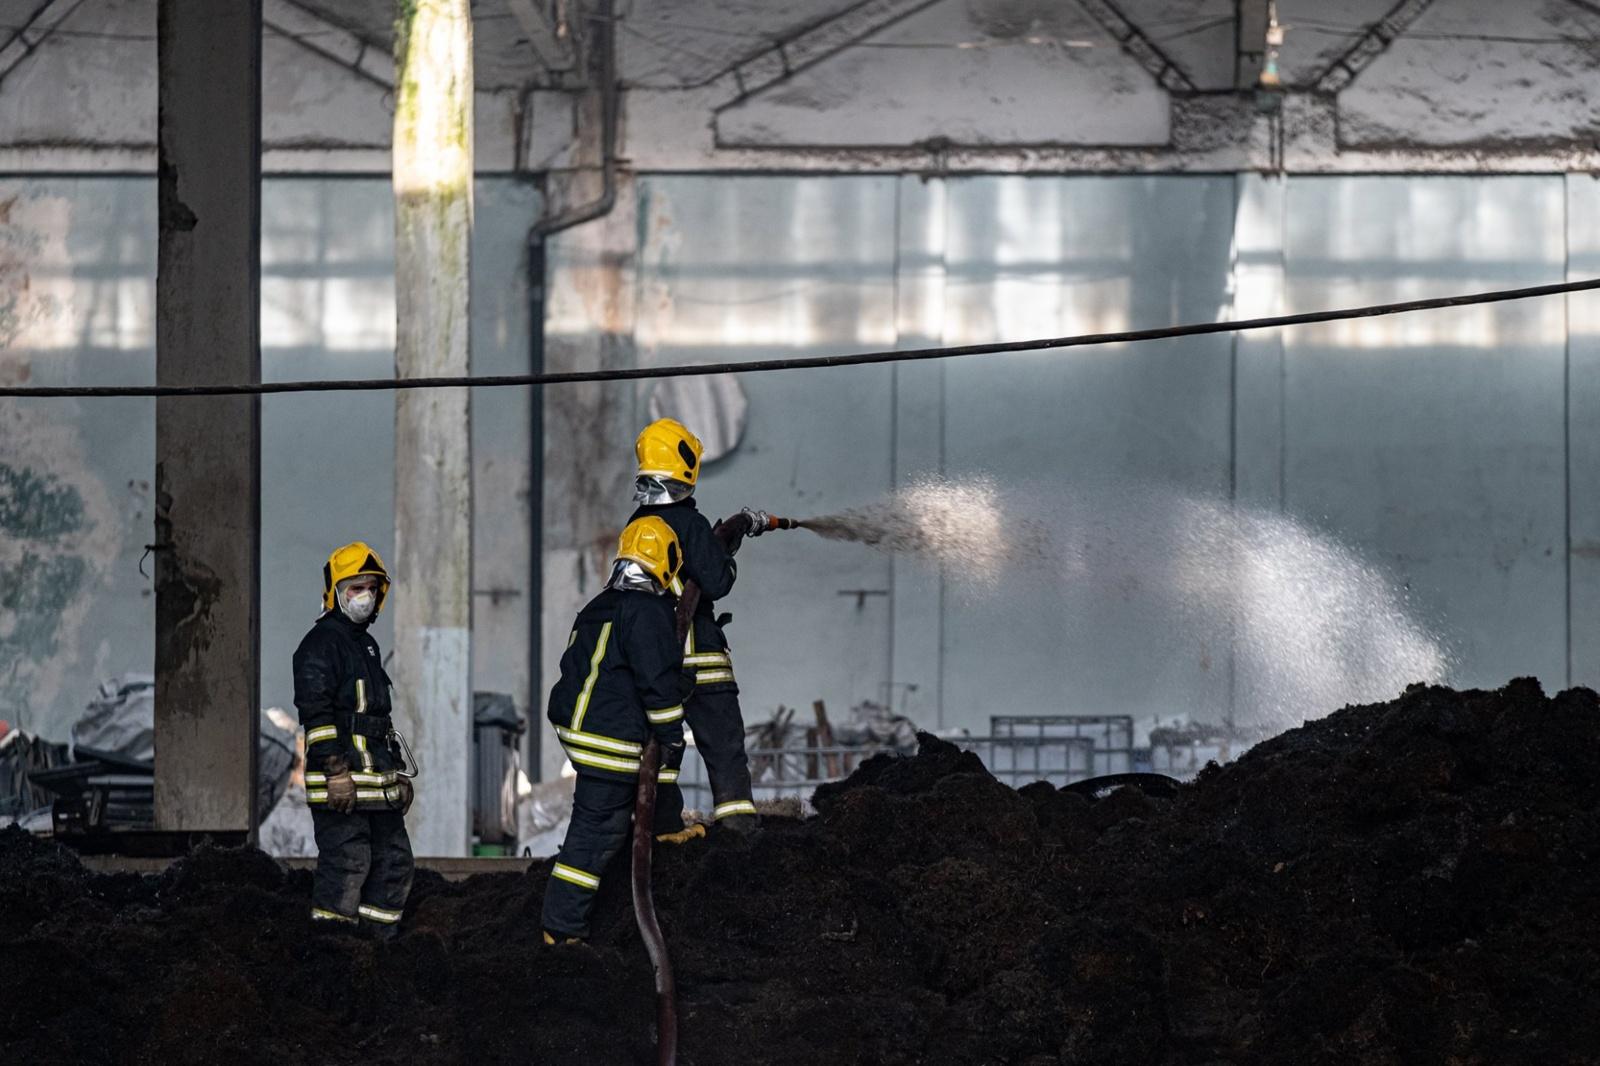 Dėl gaisro Alytuje pasekmių gyventojai raginami palikti namus